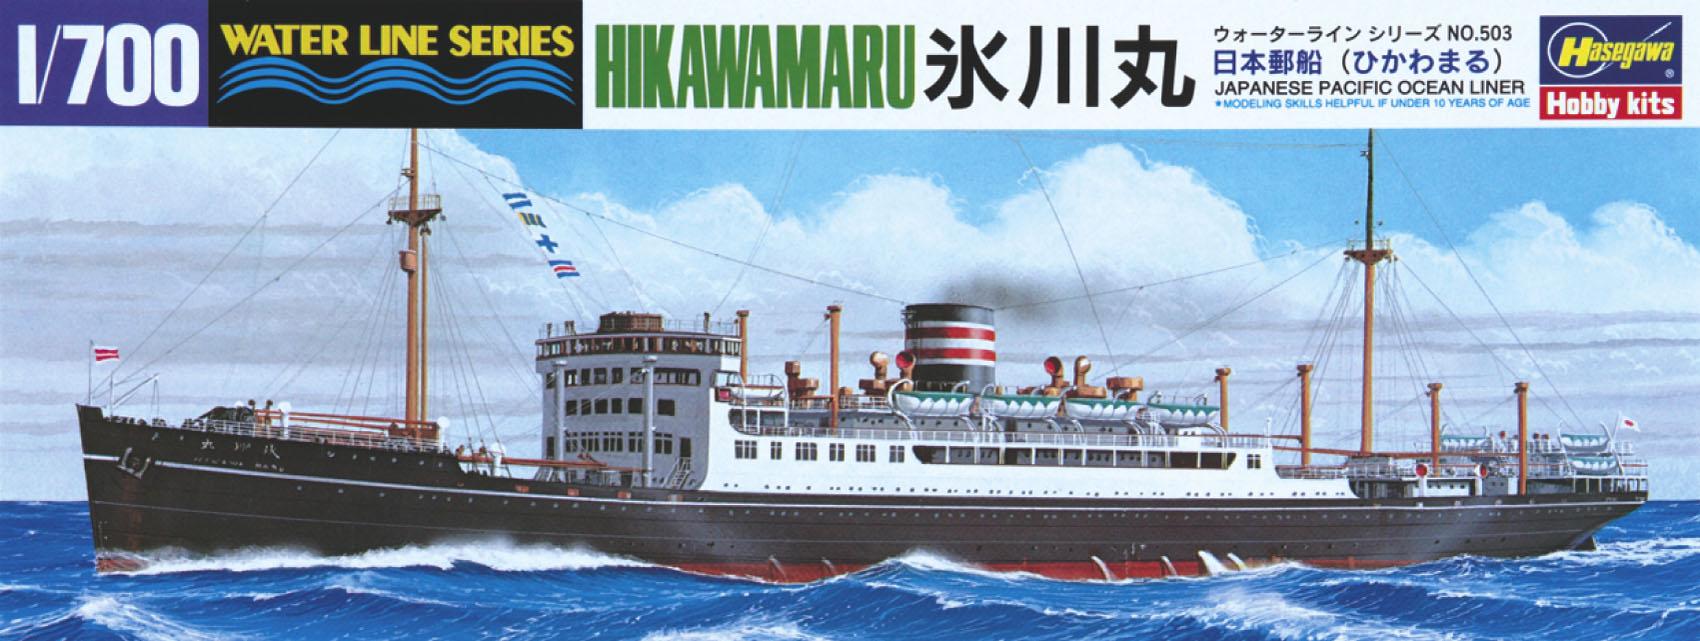 Hasegawa Ijn Ocean Liner Hikawamaru